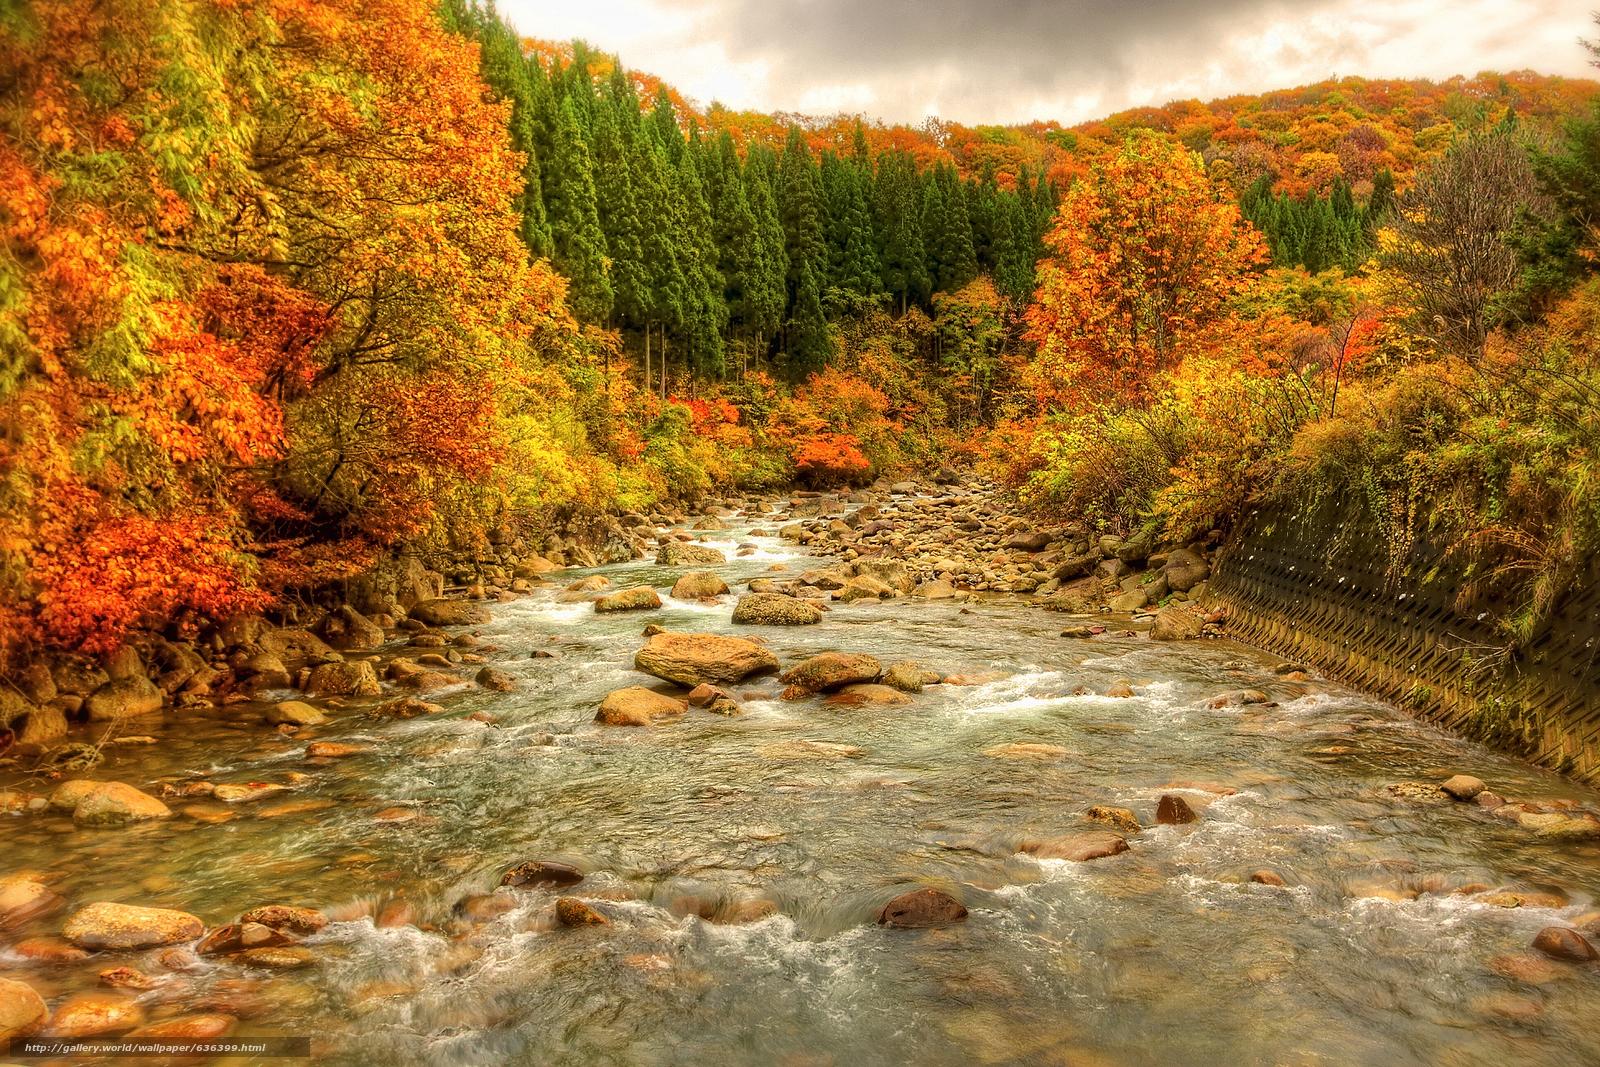 Скачать обои осень,  река,  камни,  лес бесплатно для рабочего стола в разрешении 1944x1296 — картинка №636399